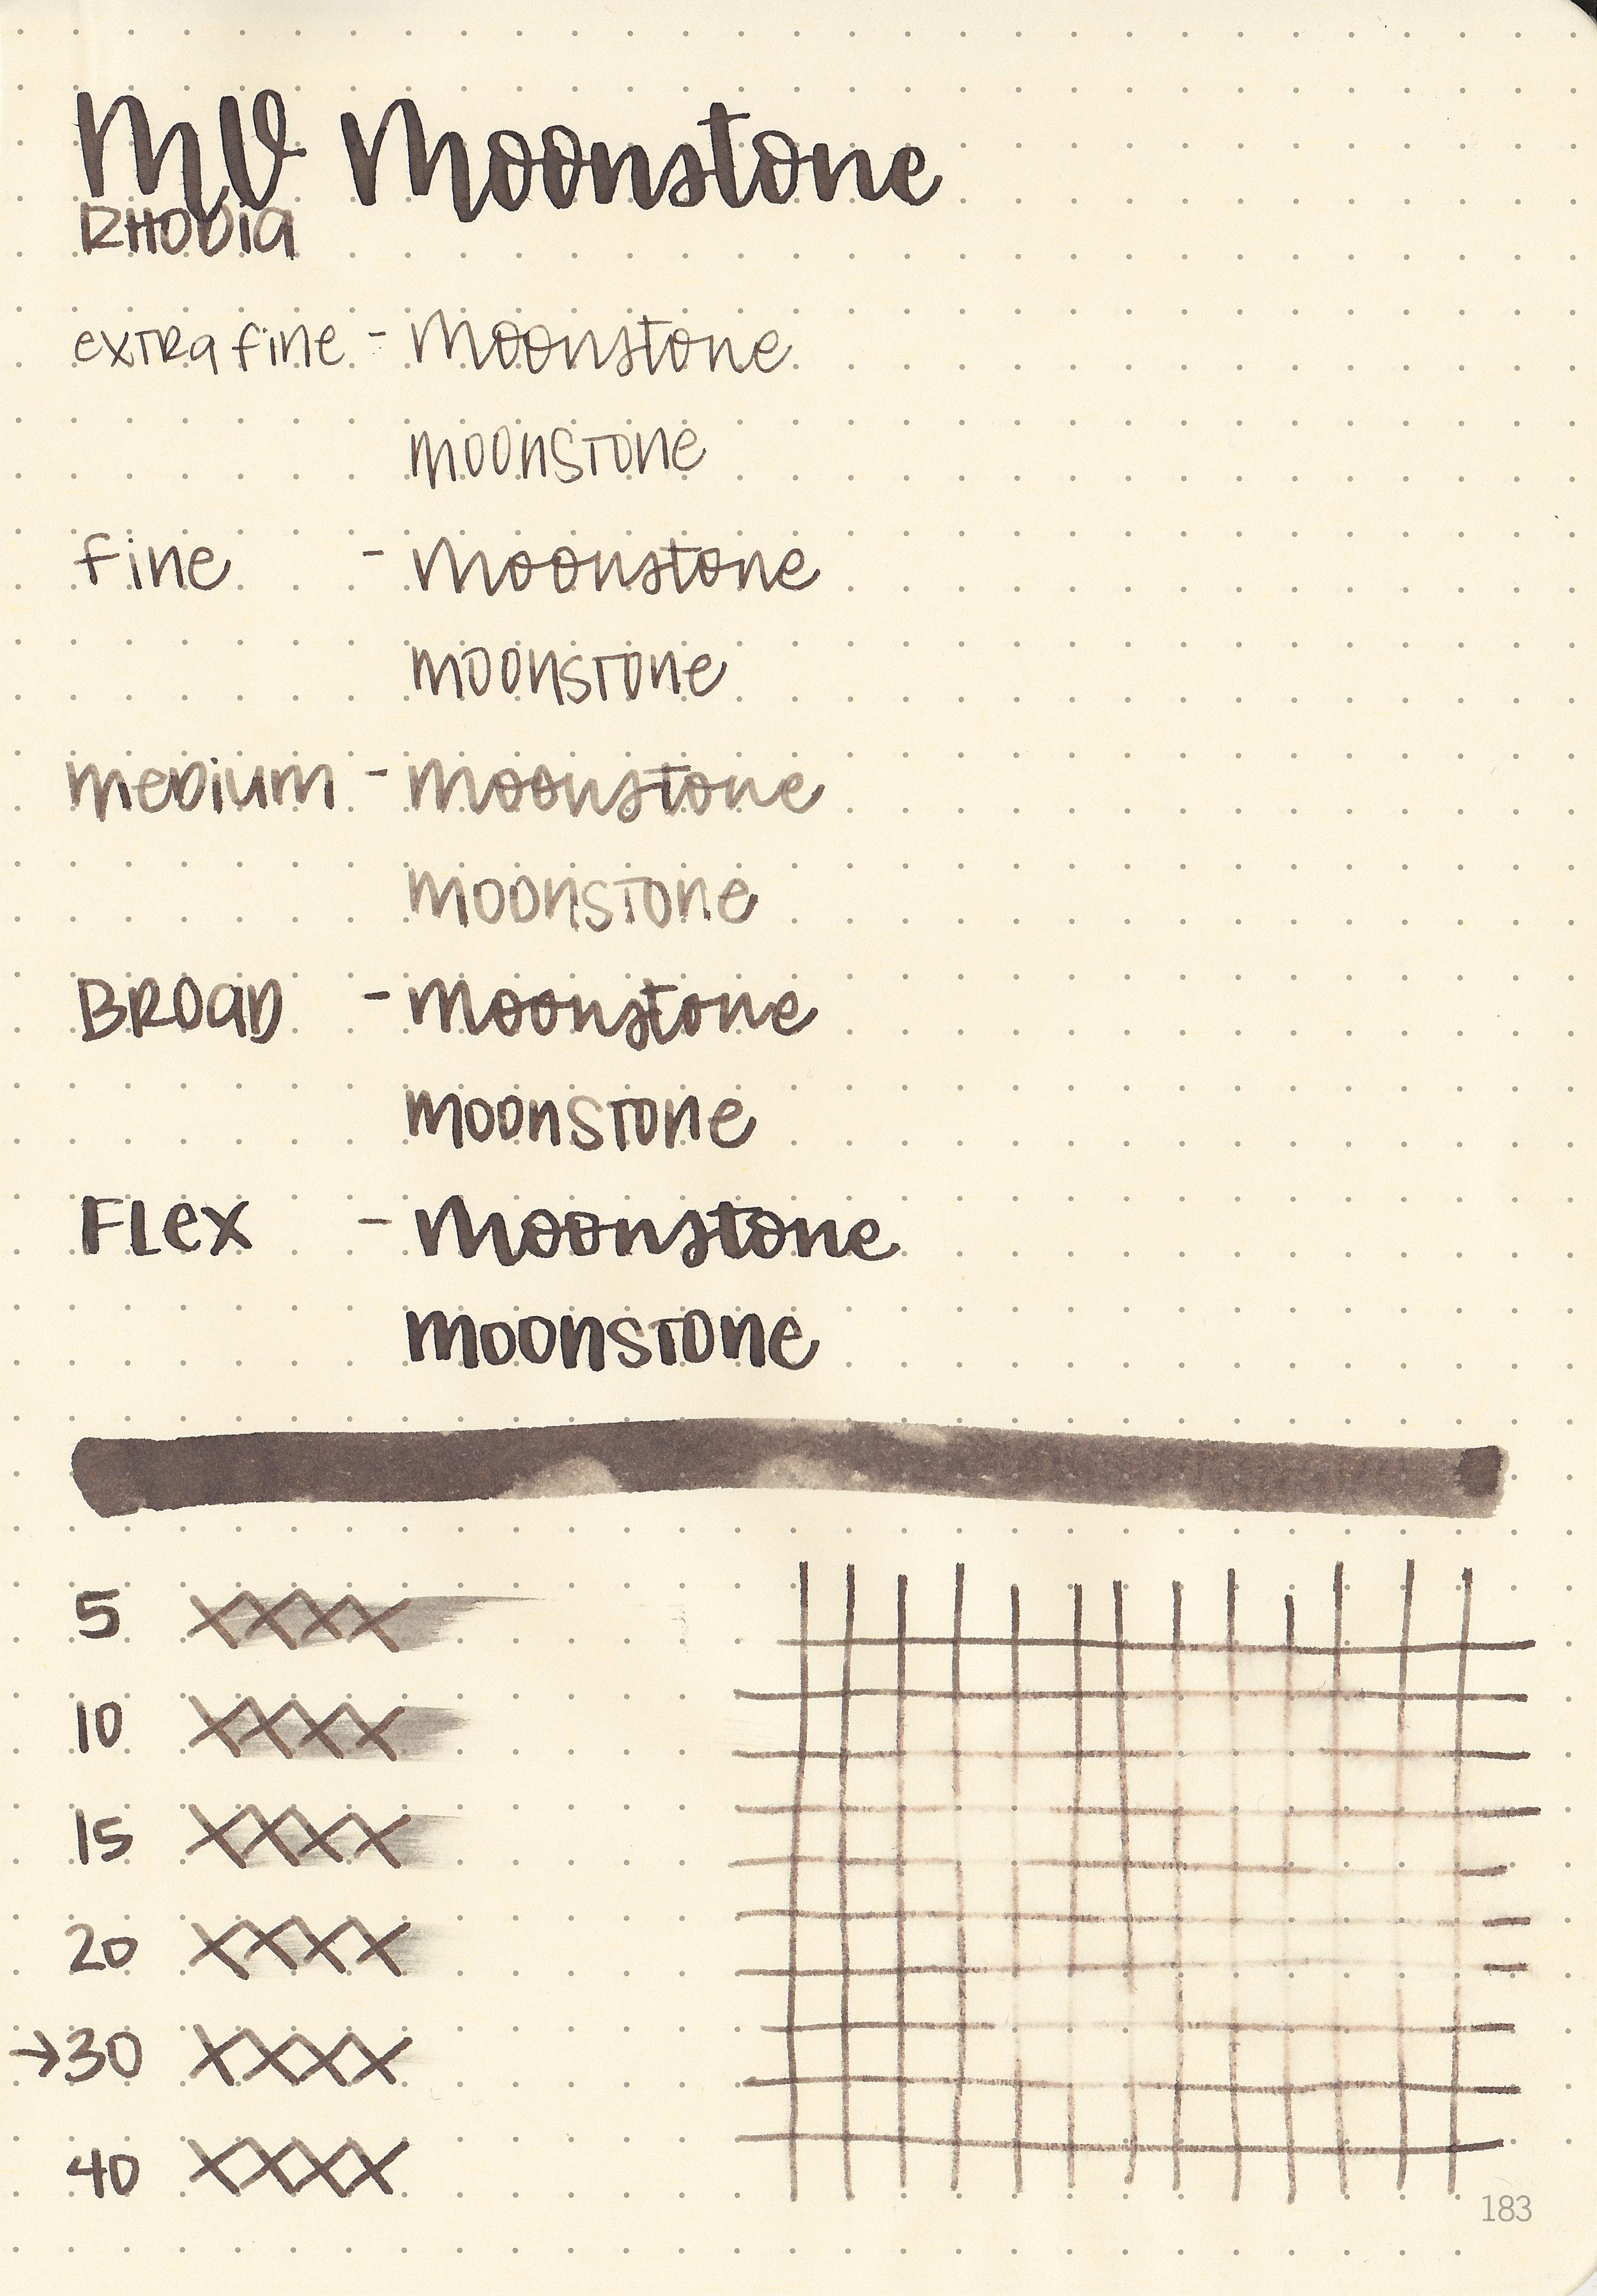 mv-moonstone-5.jpg